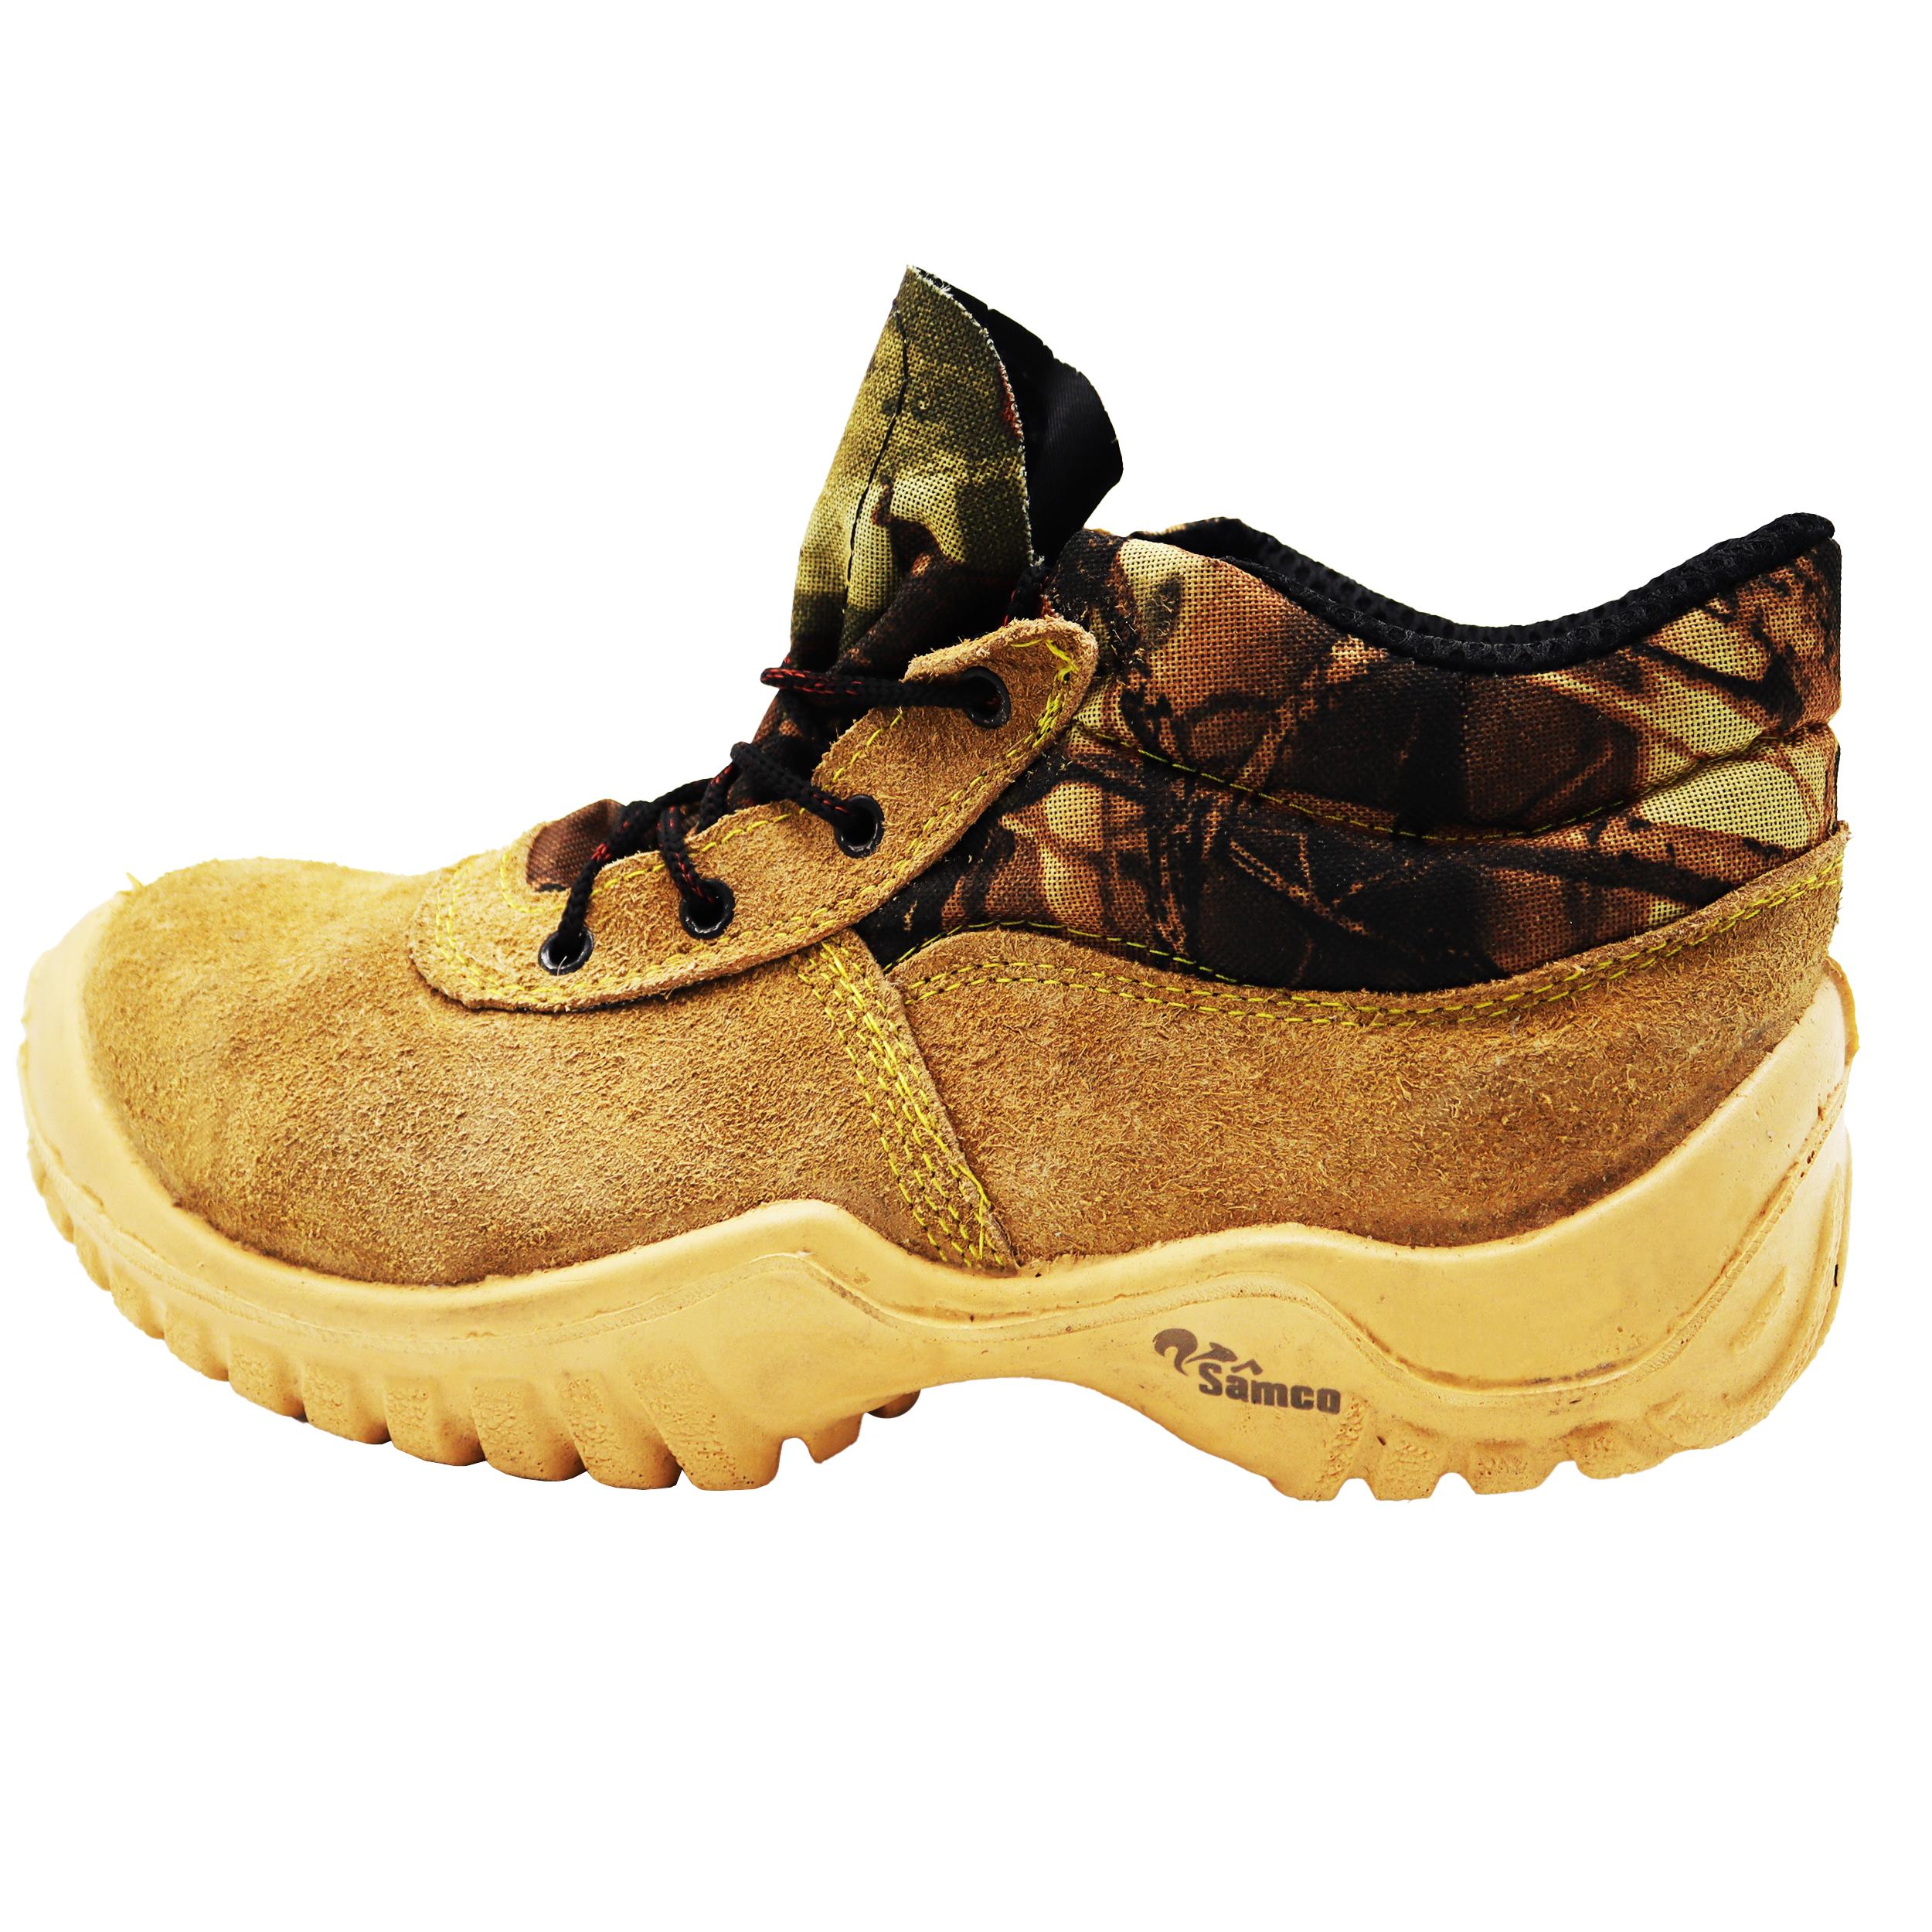 کفش ایمنی سامکو مدل YP-RELAXPA